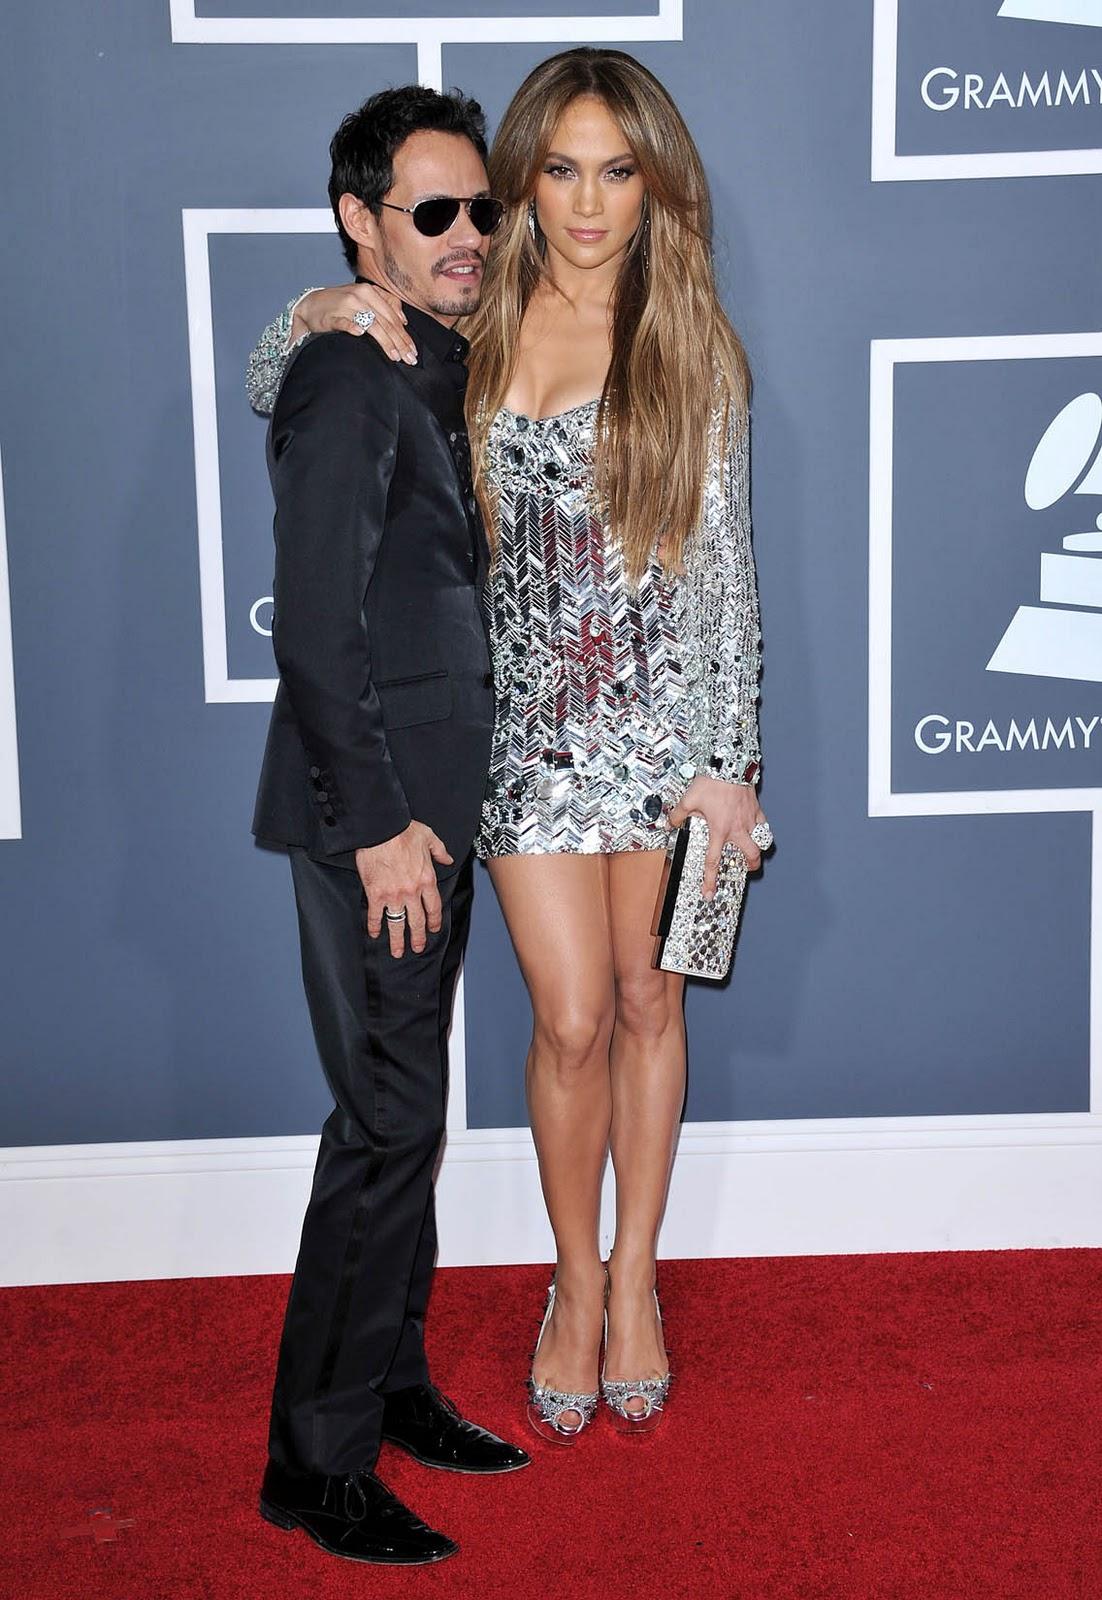 http://2.bp.blogspot.com/-IZwOfGv4s8A/TuEi6QI3A7I/AAAAAAAAAzk/Slr4GiLfHqE/s1600/jennifer_lopez_grammy_dress_9.jpg